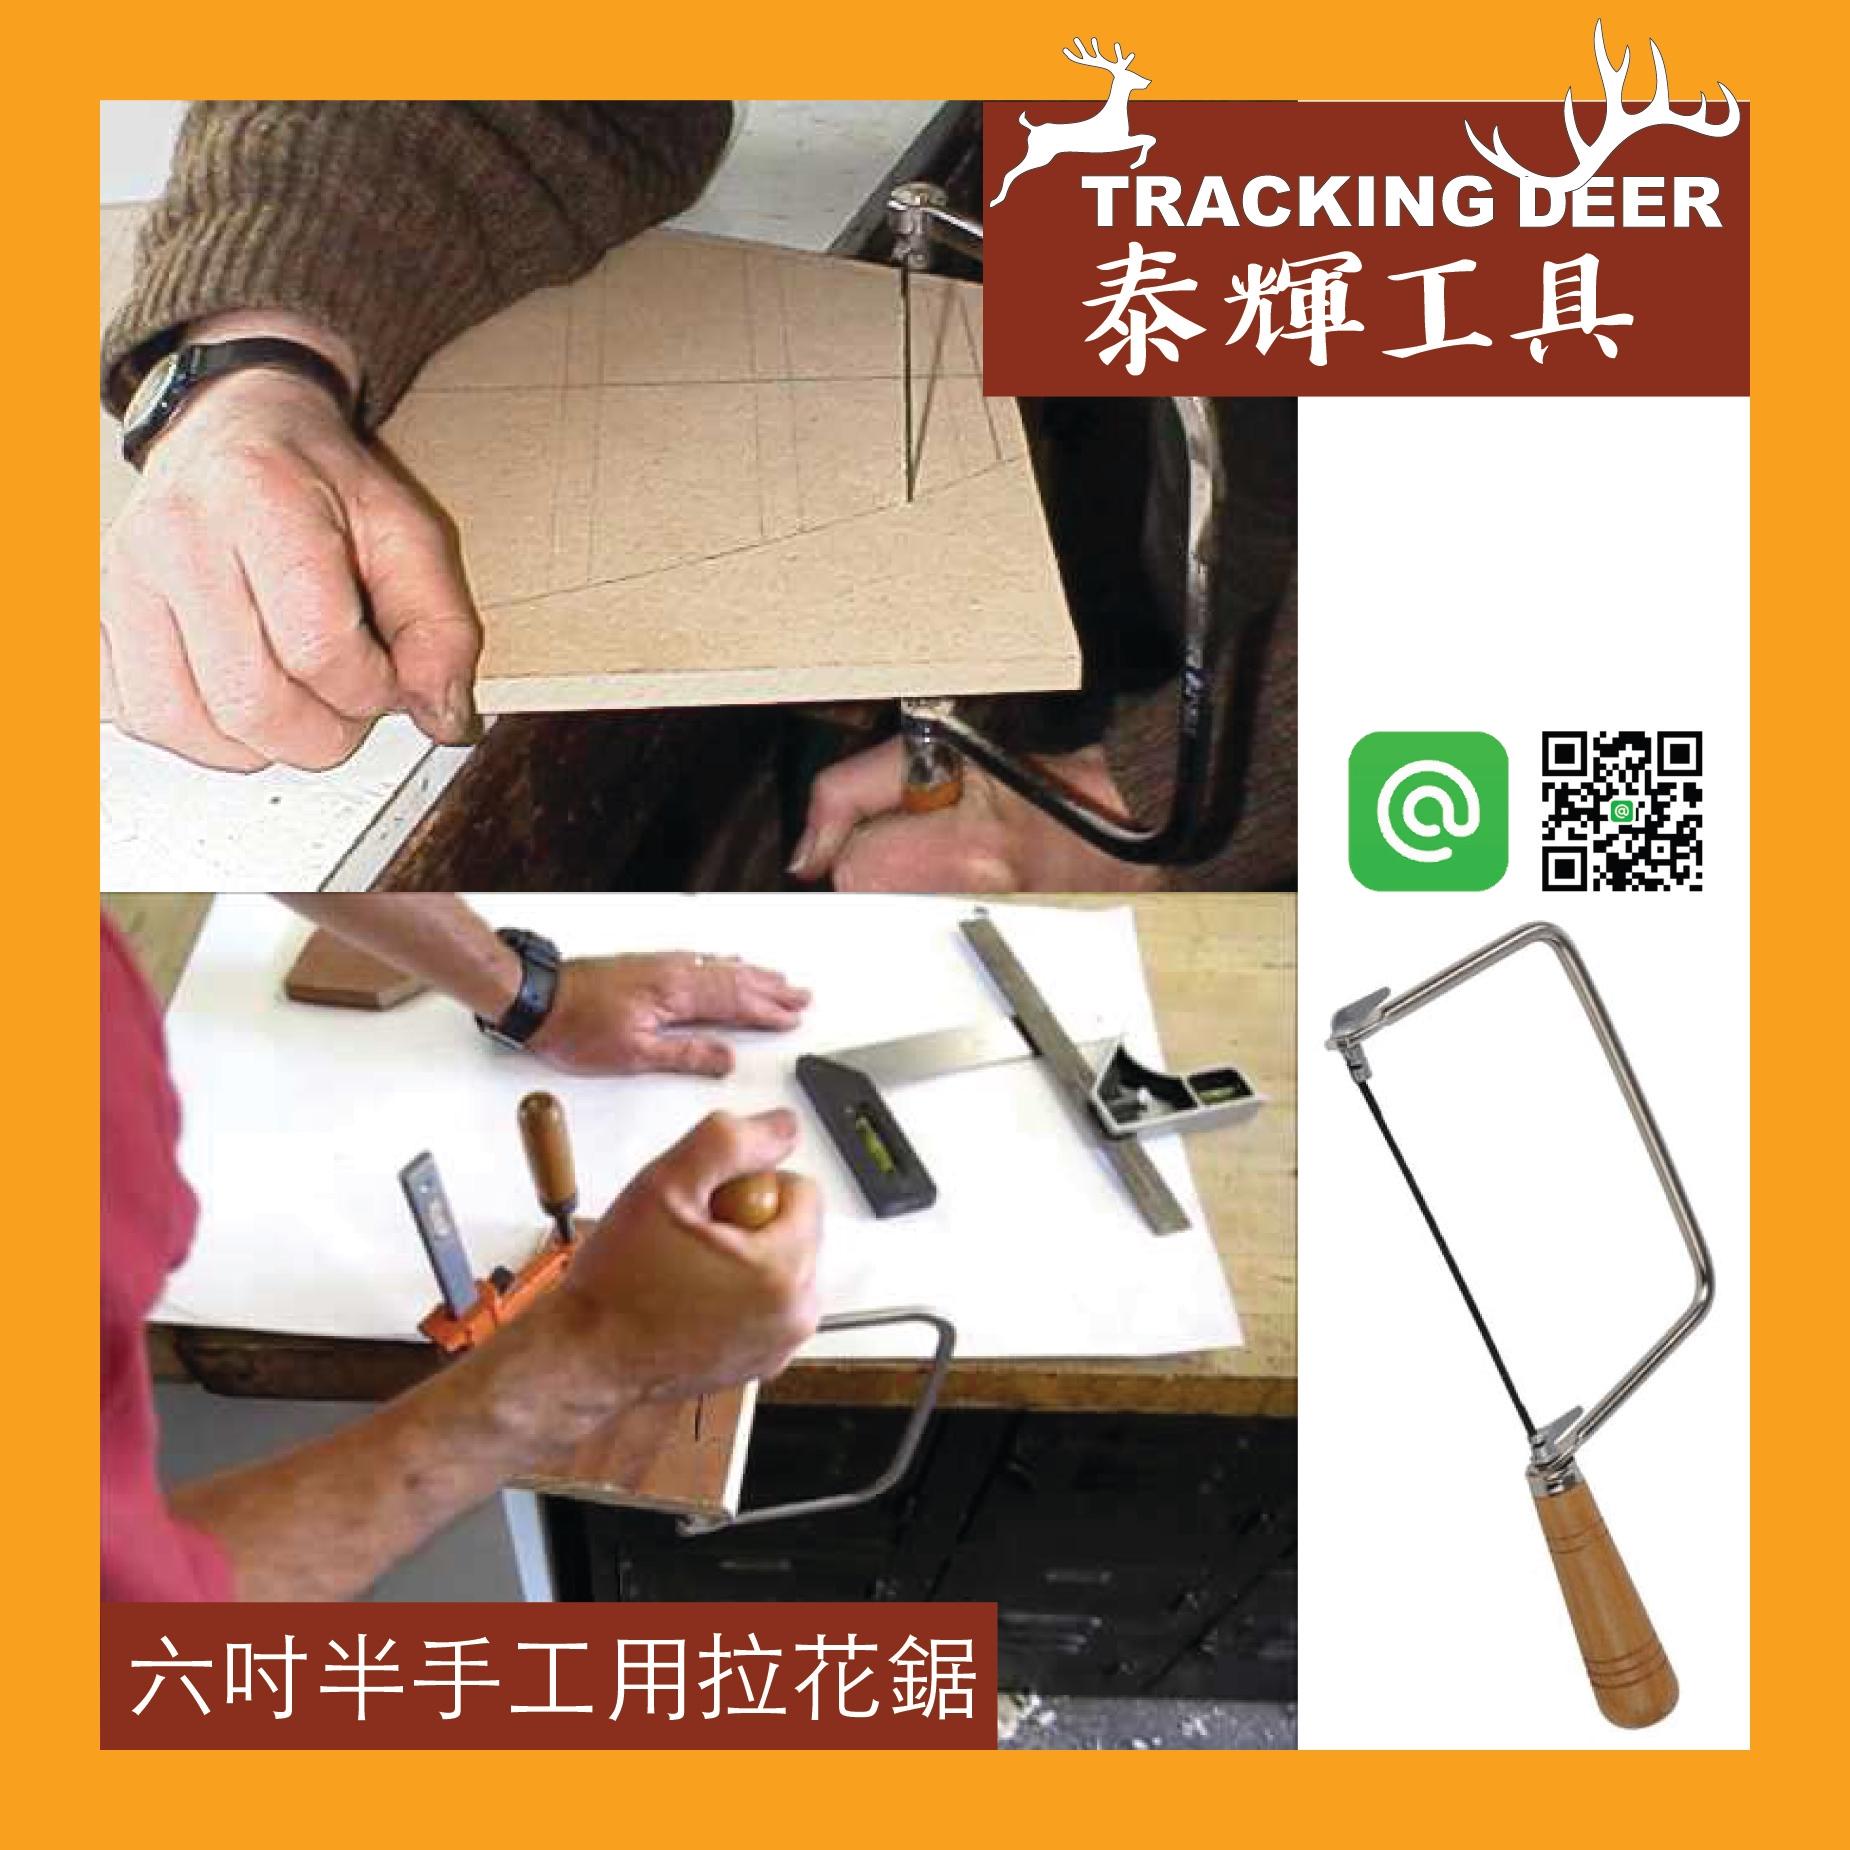 台灣製造【6.5吋 DIY 手鋸弓組】附瑞士Pegas鋸條(帶銷式)12支  曲線鋸 學生鋸 拉花鋸 U型鋸